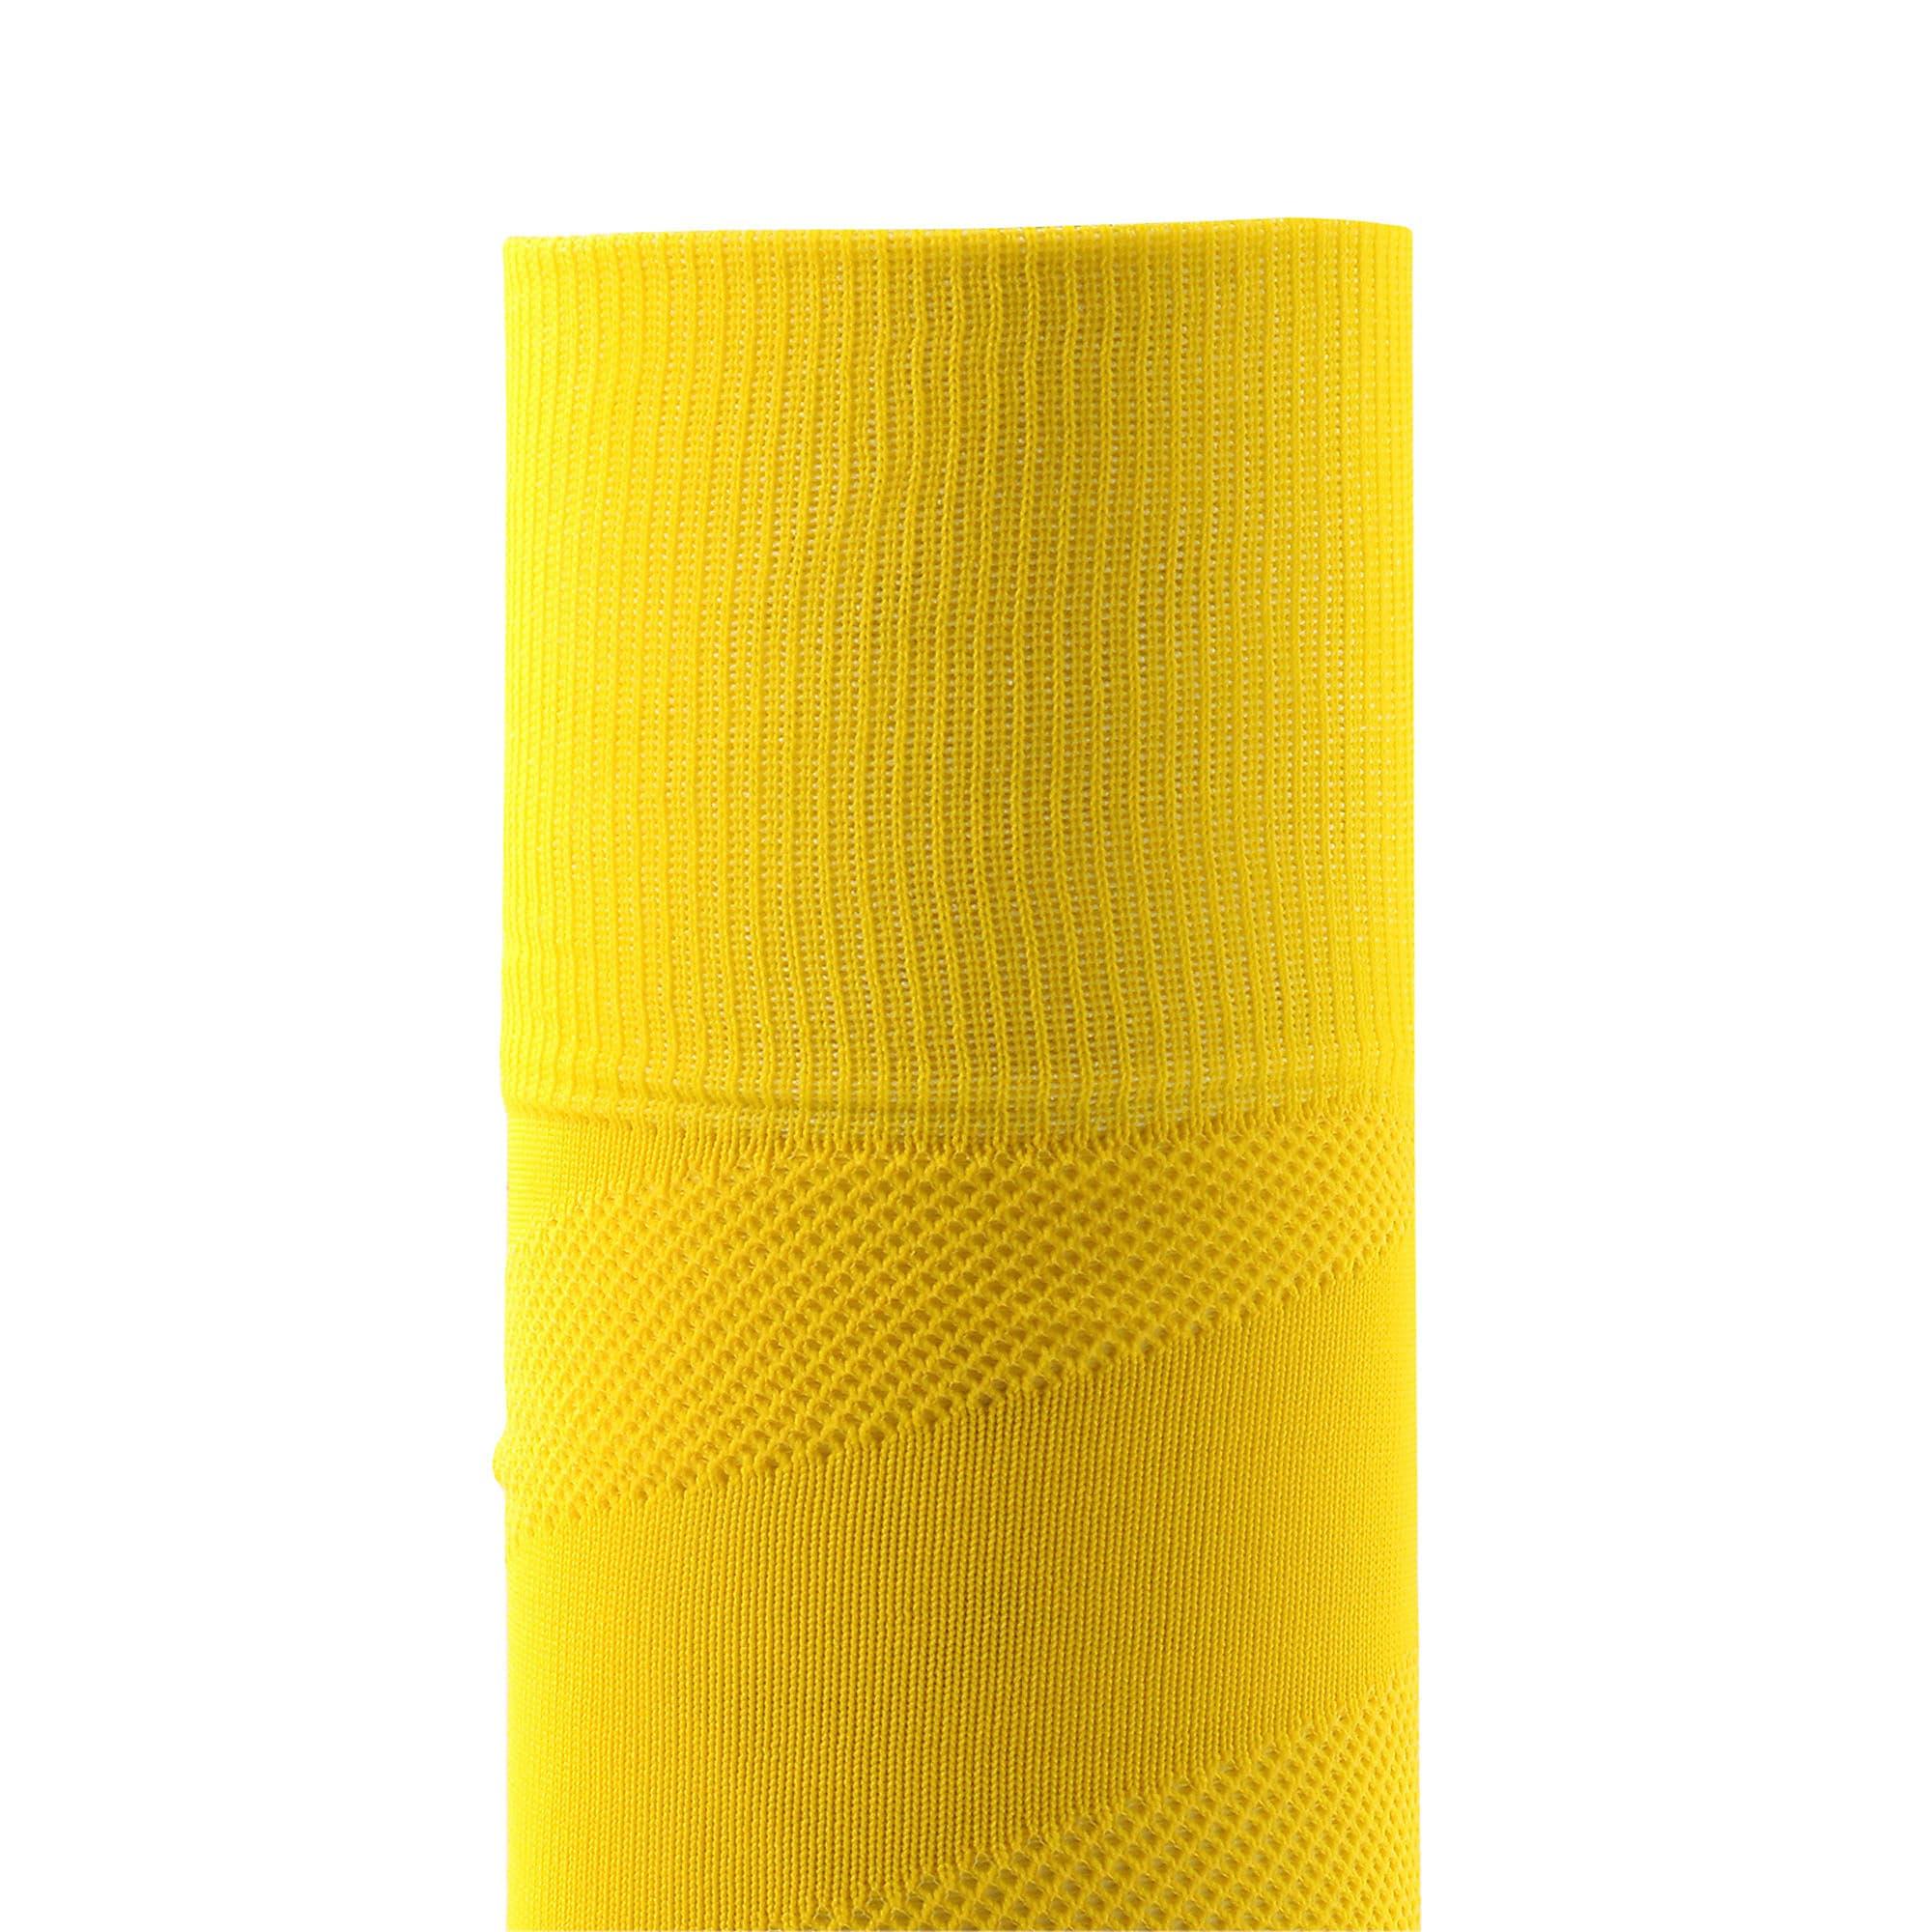 Thumbnail 4 of ドルトムント BVB スパイラル ストッキング, Cyber Yellow-Puma Black, medium-JPN